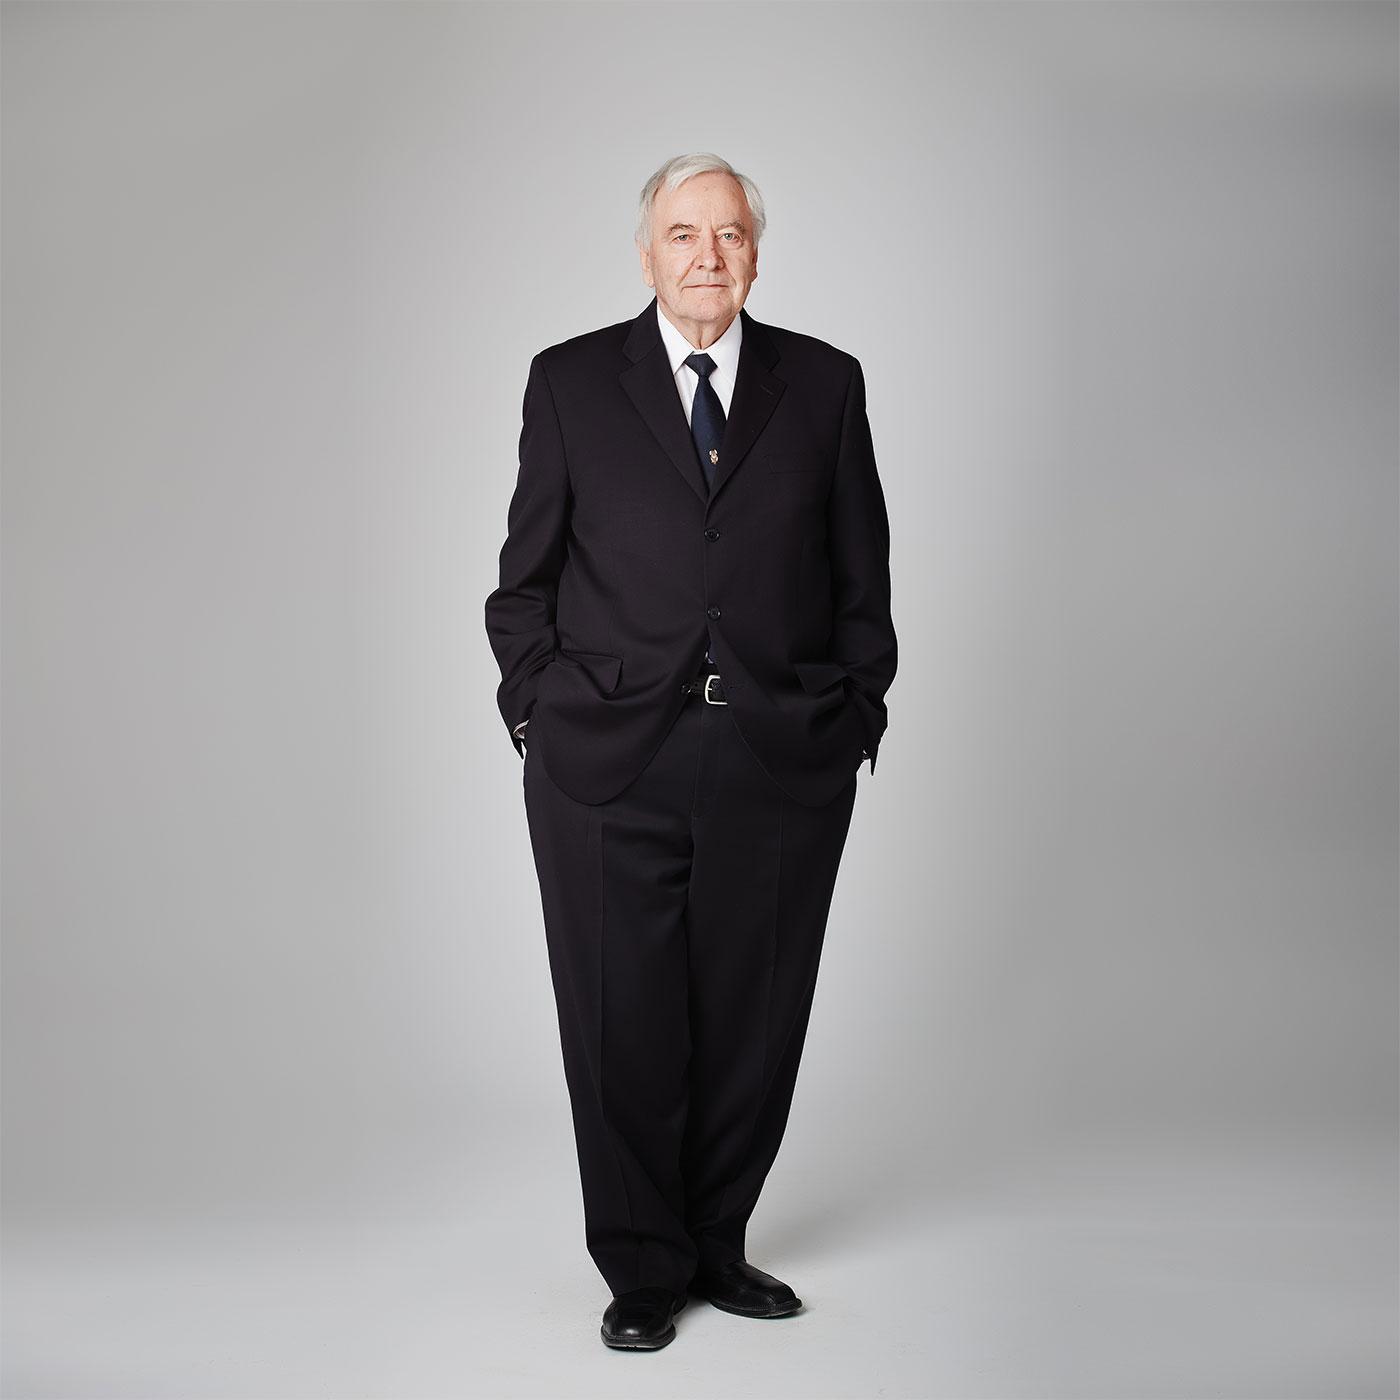 Walter Thiessen